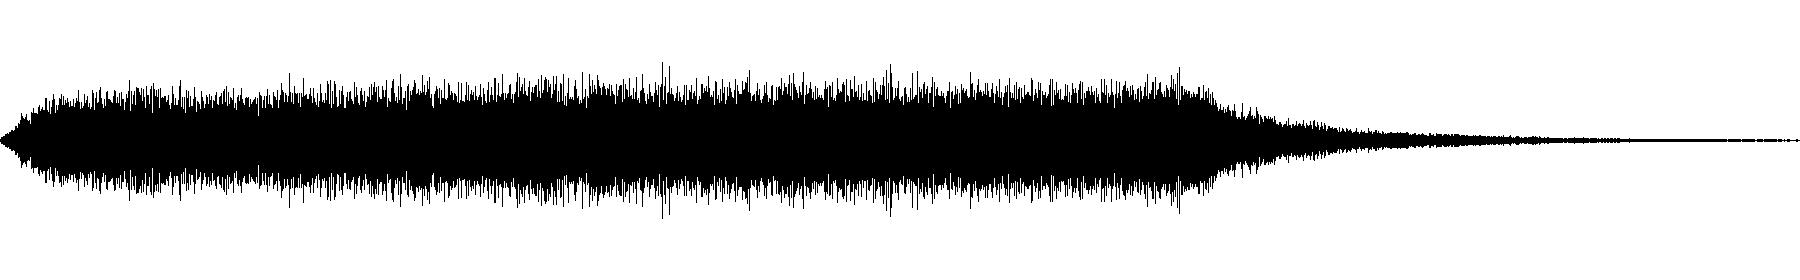 organ e7